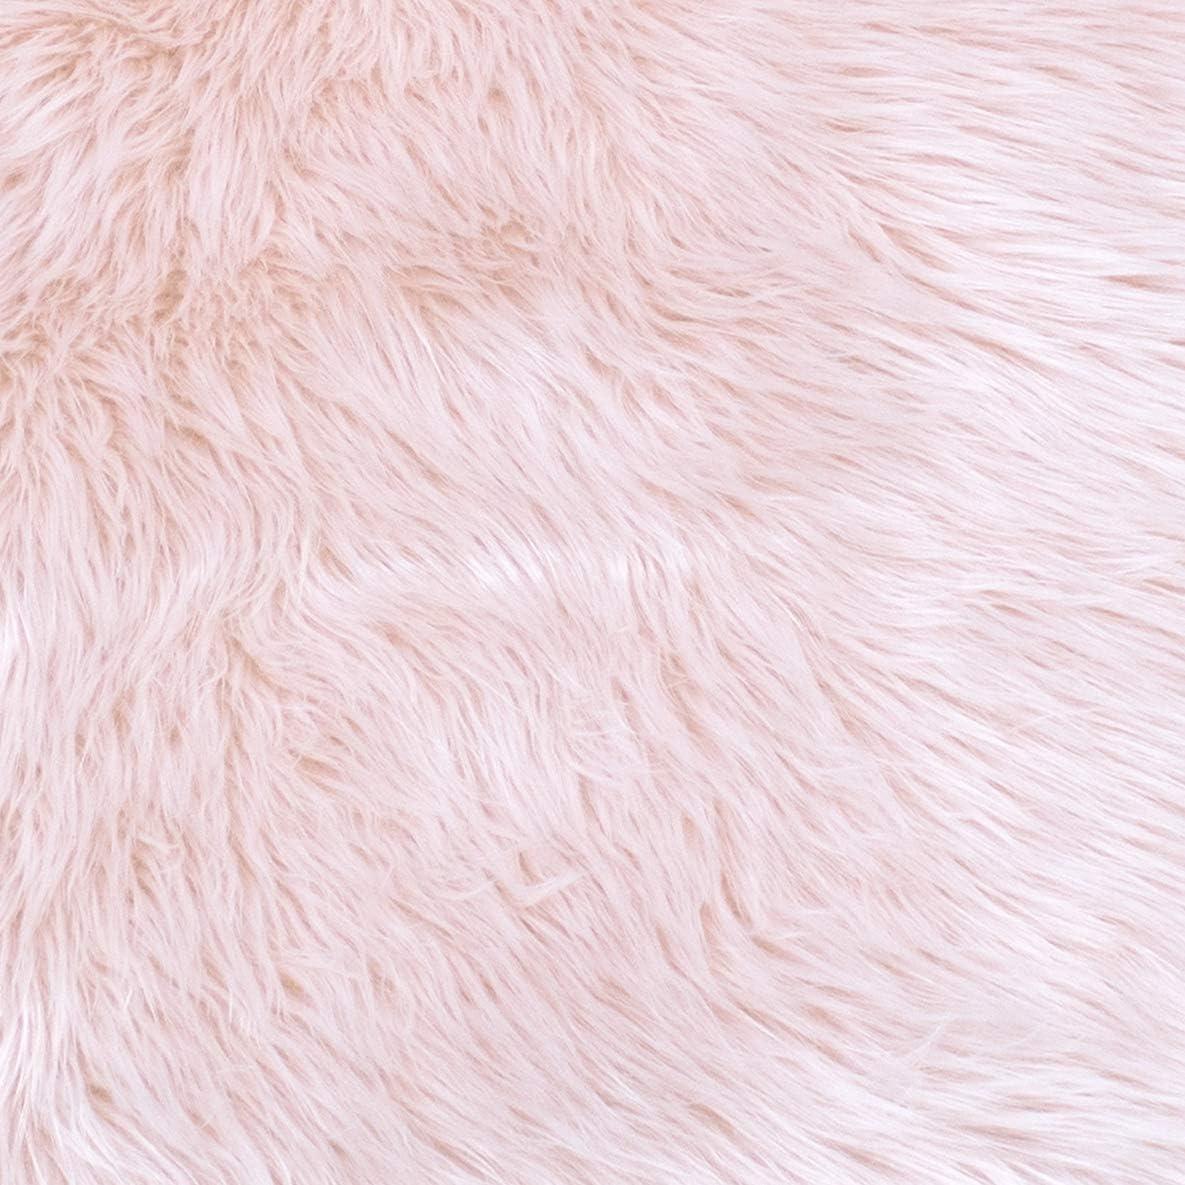 Als Faux Bett-Vorleger oder Matte f/ür Stuhl Sofa Teppich W/ölkchen Lammfell-Teppich Kunstfell Schaffell Imitat Wohnzimmer Schlafzimmer Kinderzimmer Rosa Ros/é - 55 x 80 cm